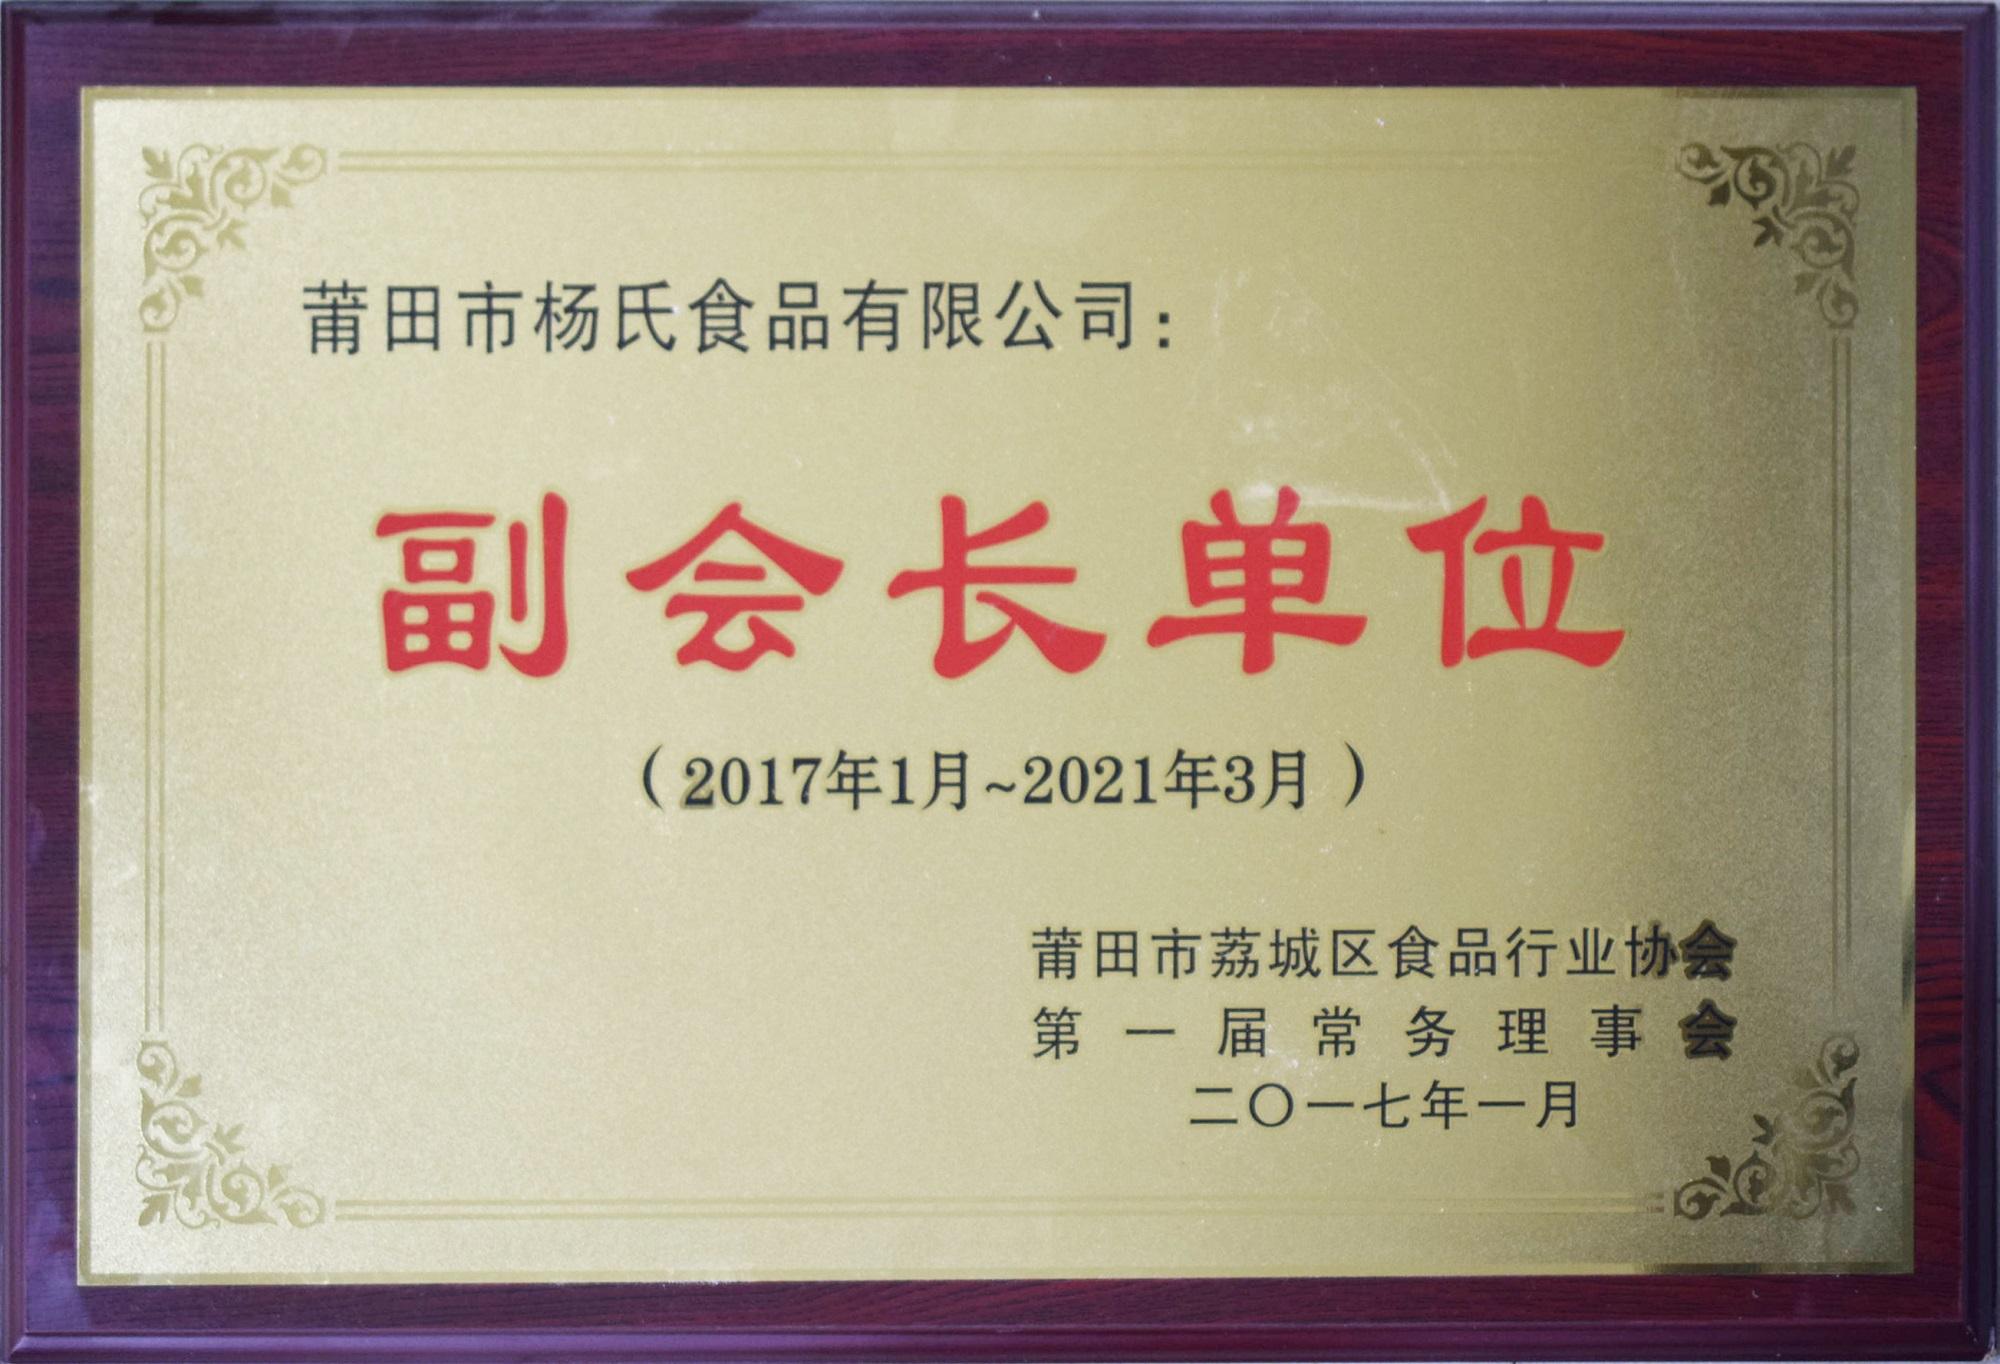 杨将坊荣获莆田市荔城区食品行业协会副会长单位